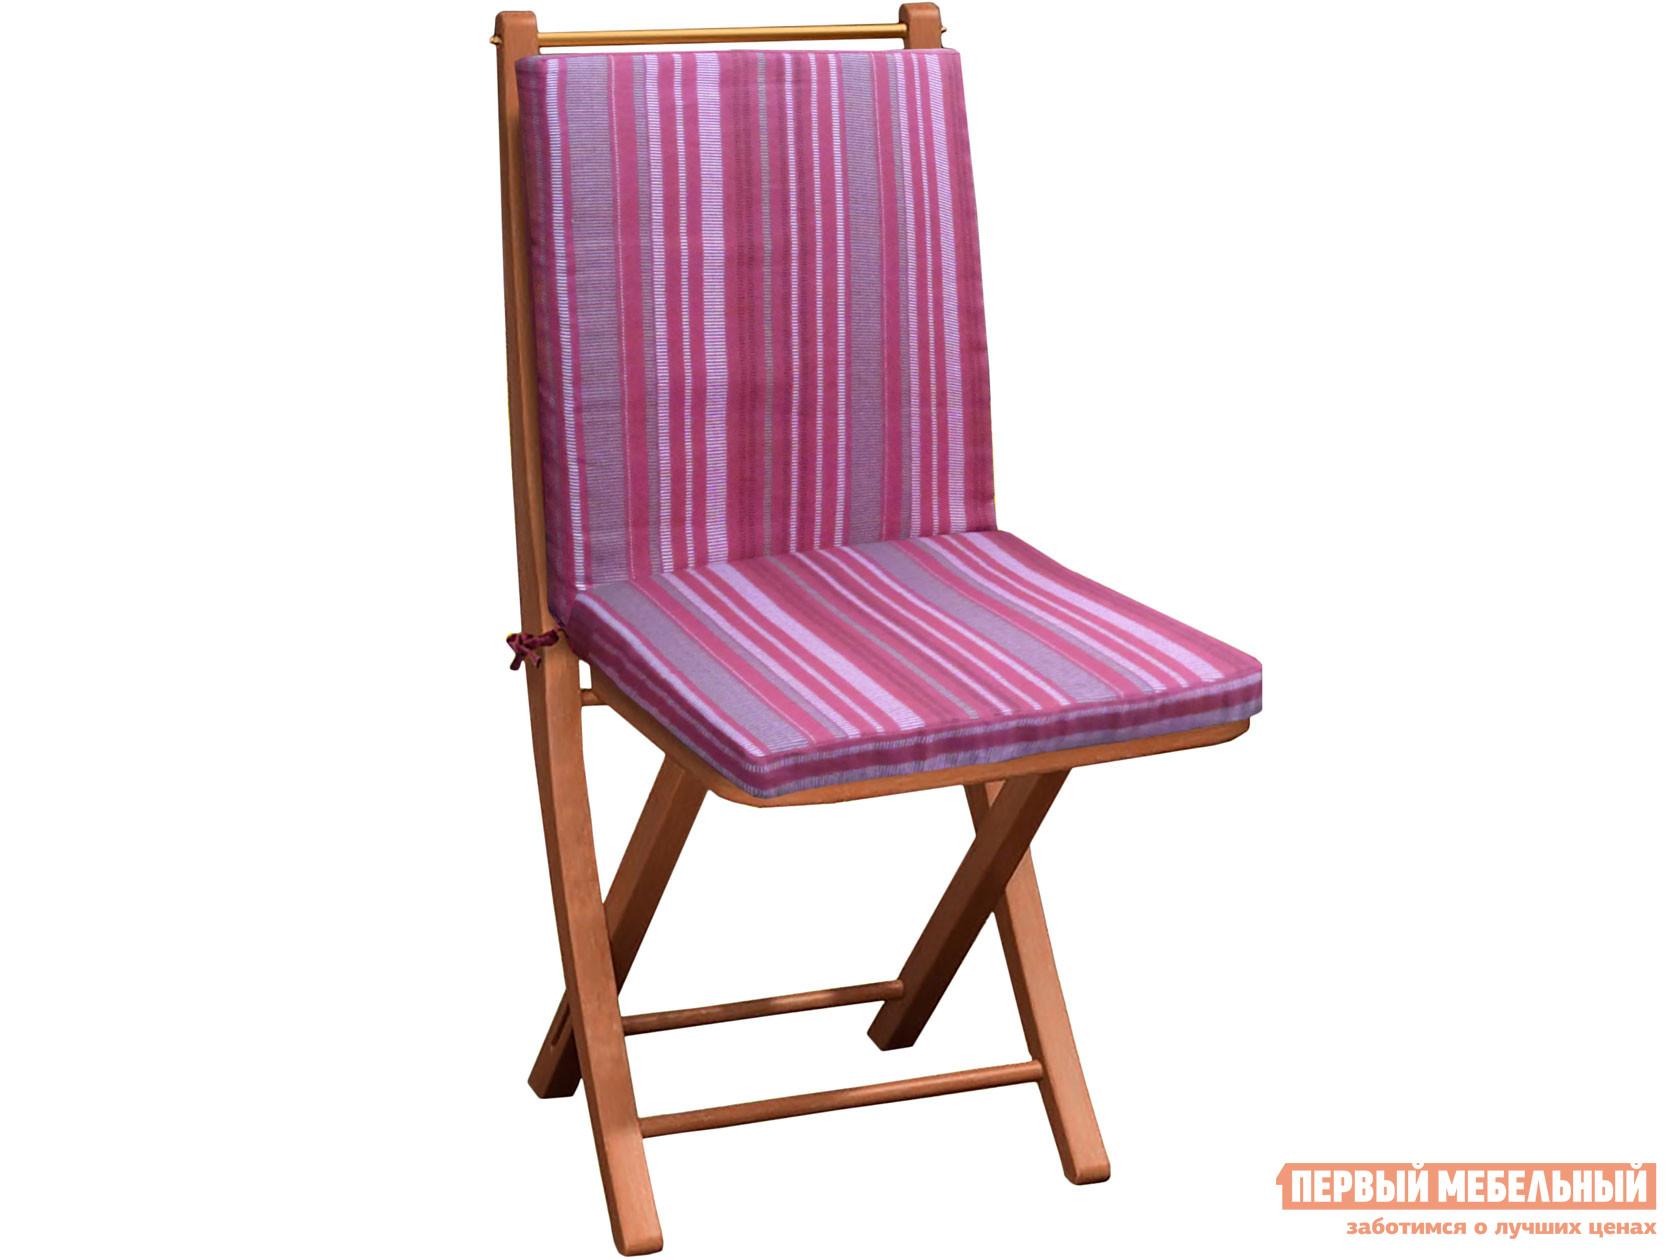 Сидушка со спинкой Первый Мебельный Сидушка со спинкой (40+40)х40х5 хлопок,п/эф